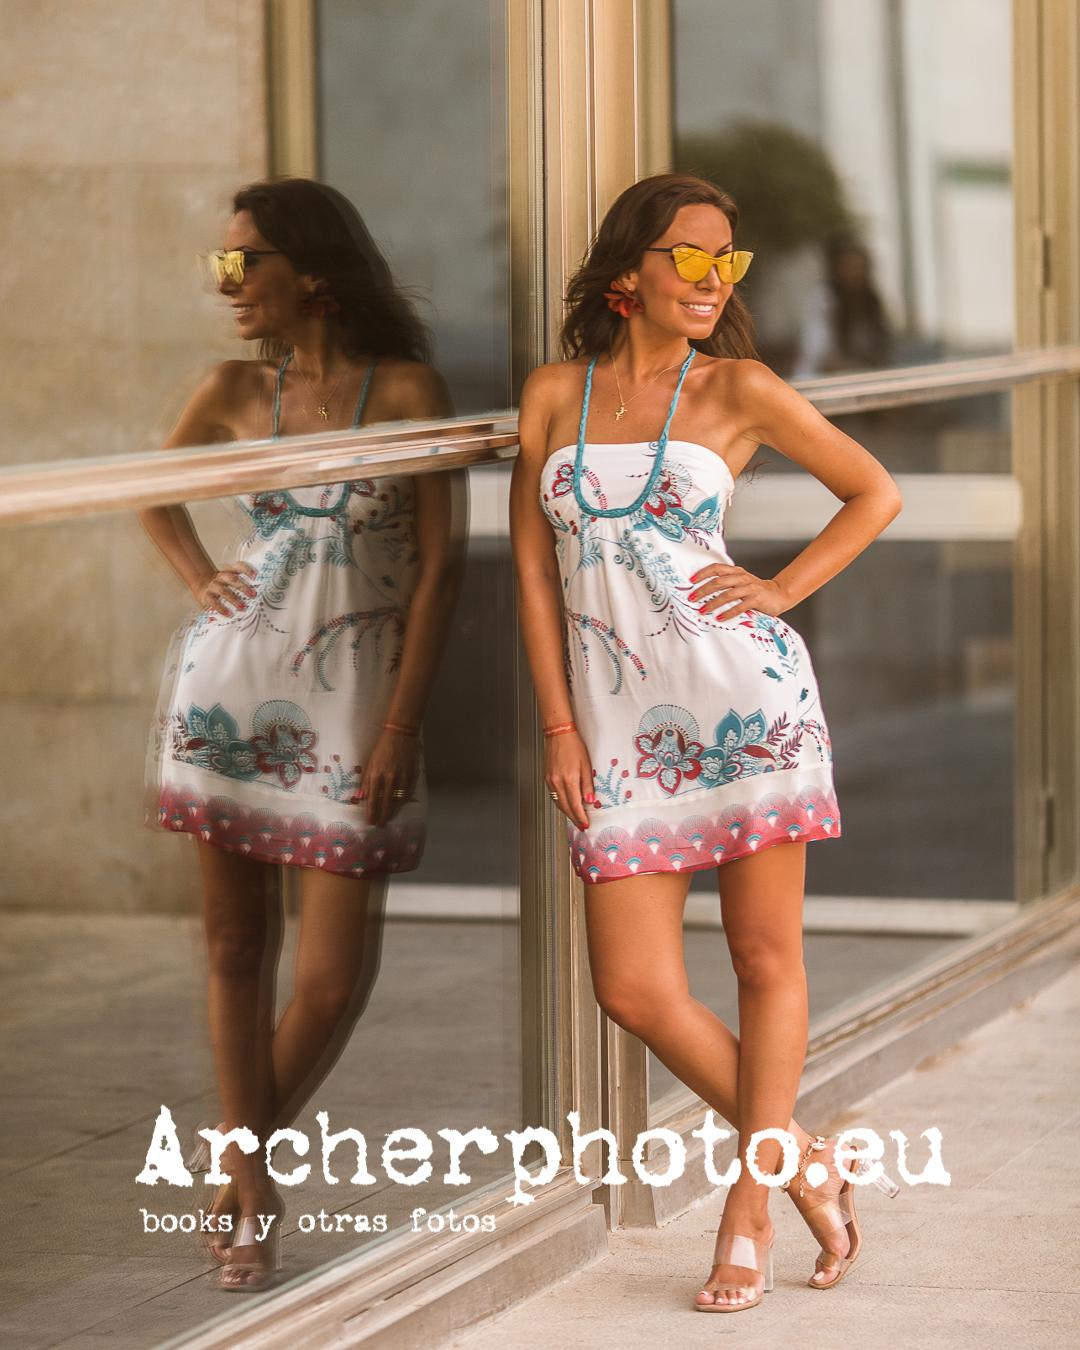 The Art of Paloma (2), por Archerphoto, fotógrafo profesional España